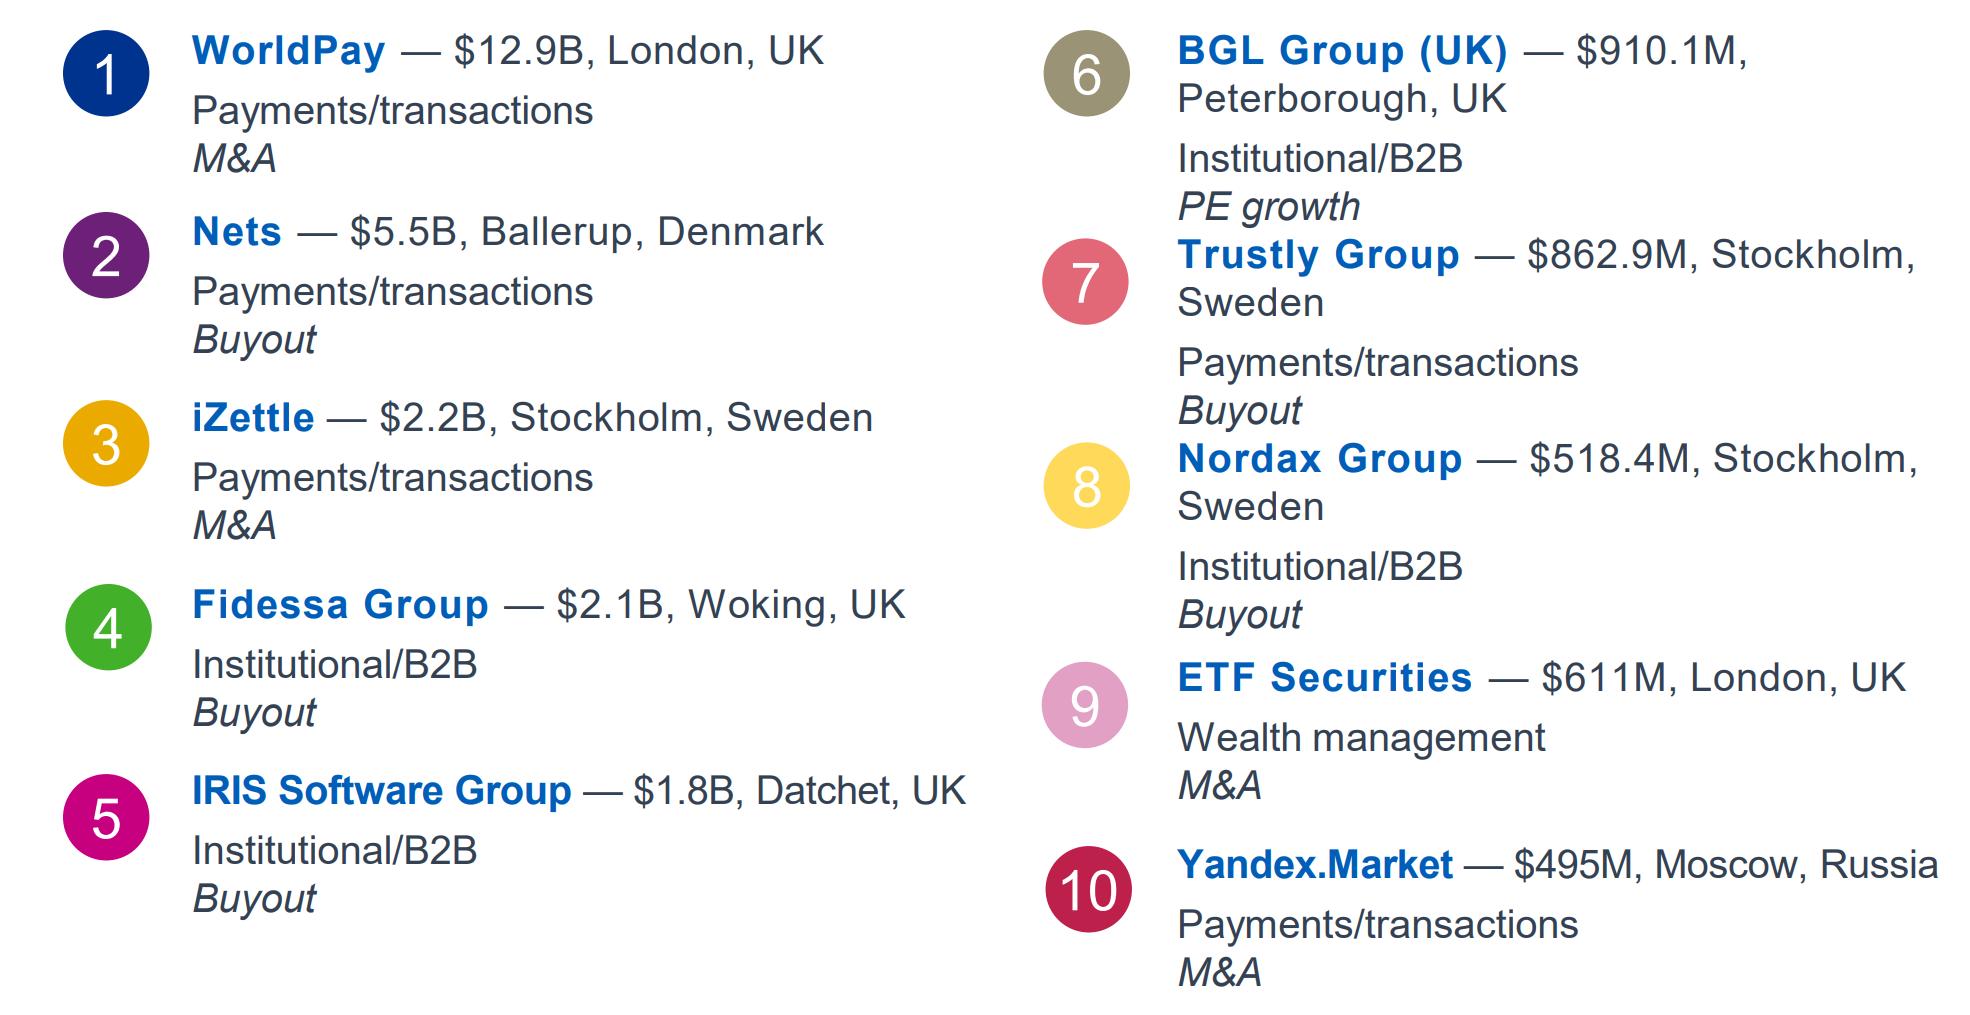 Top 10 European Fintech deals in 2018 – vimope